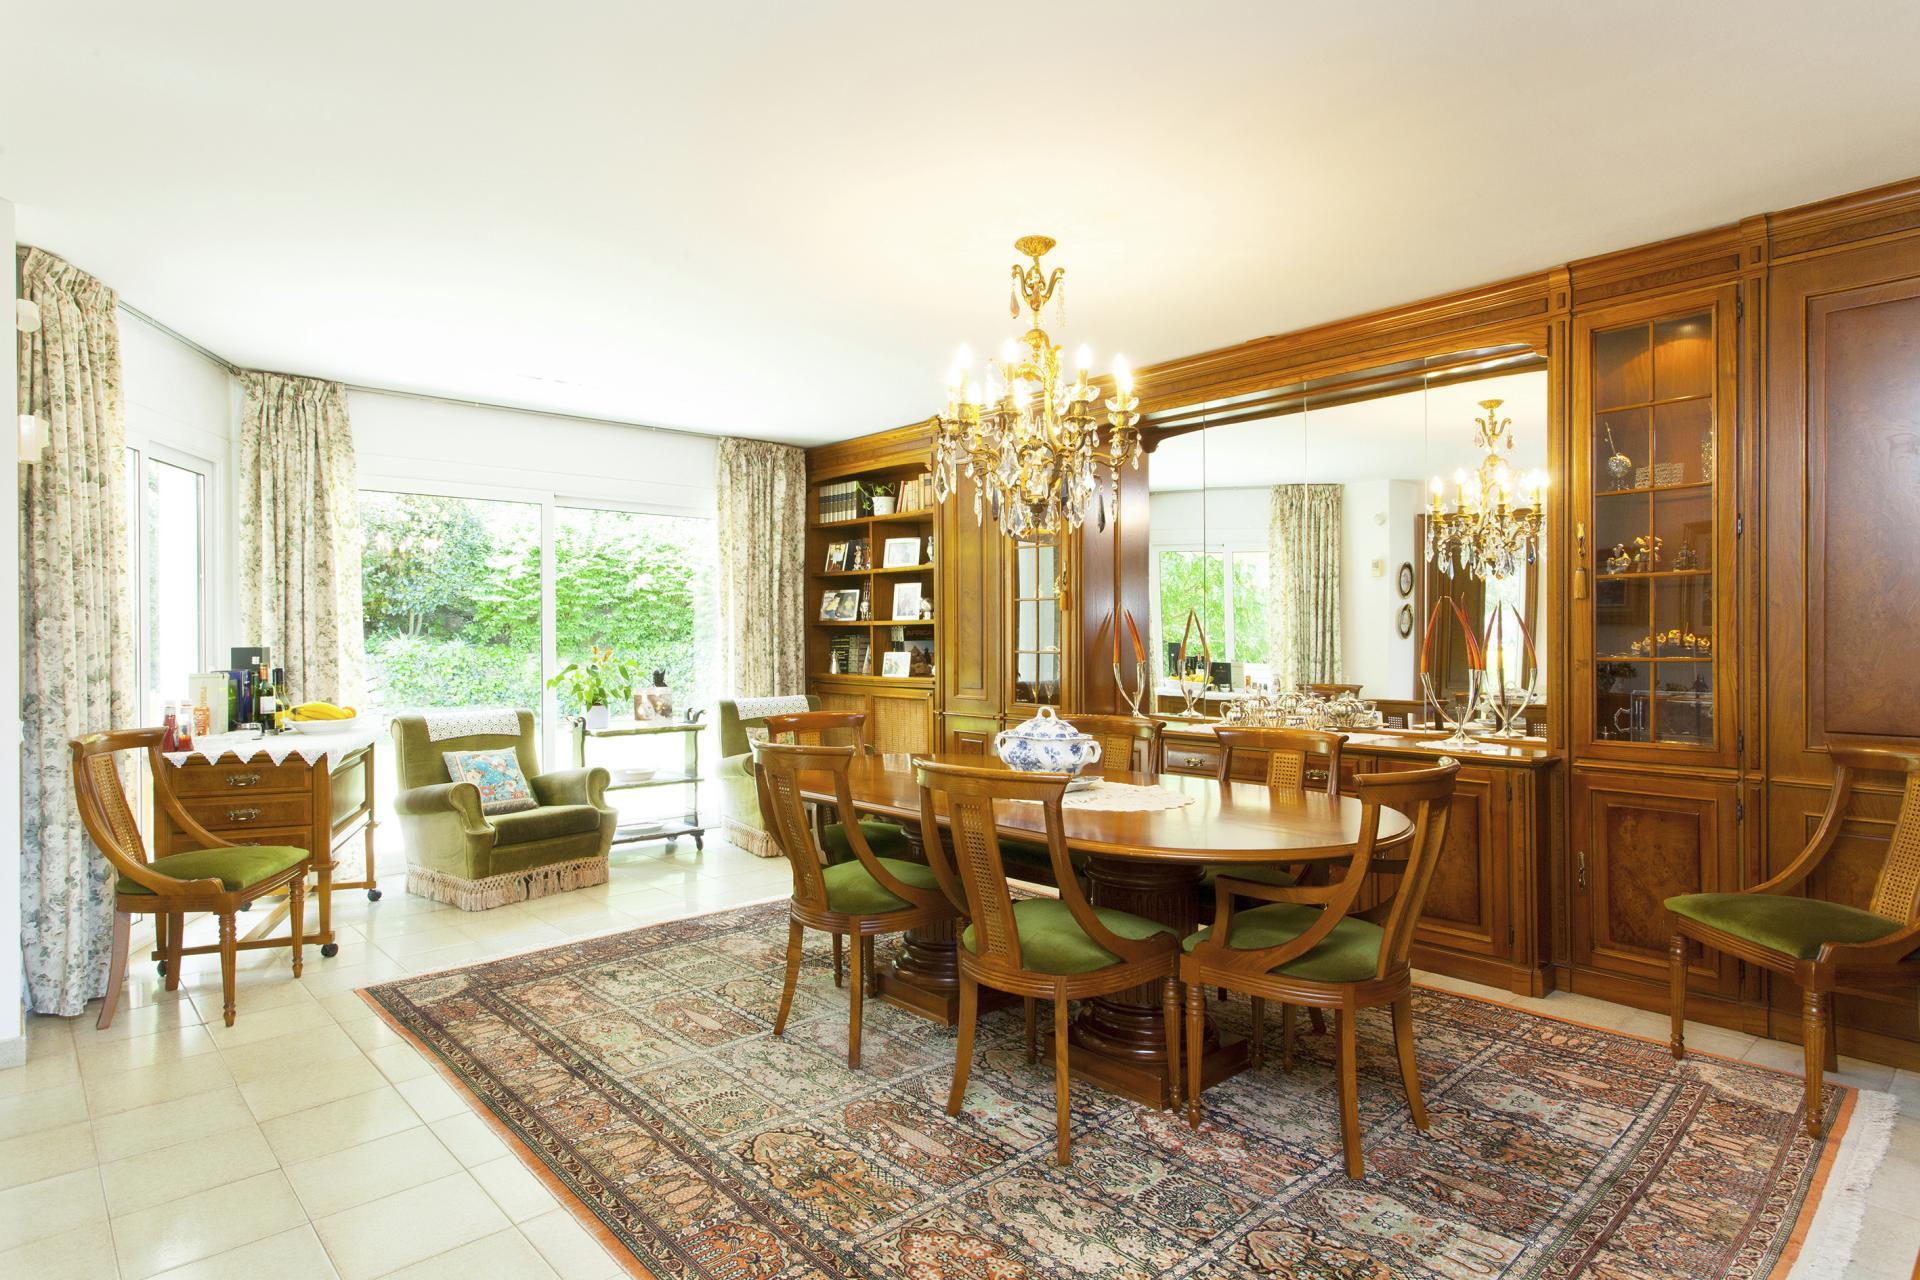 maison vendre sant andreu de llavaneres shbarcelona. Black Bedroom Furniture Sets. Home Design Ideas